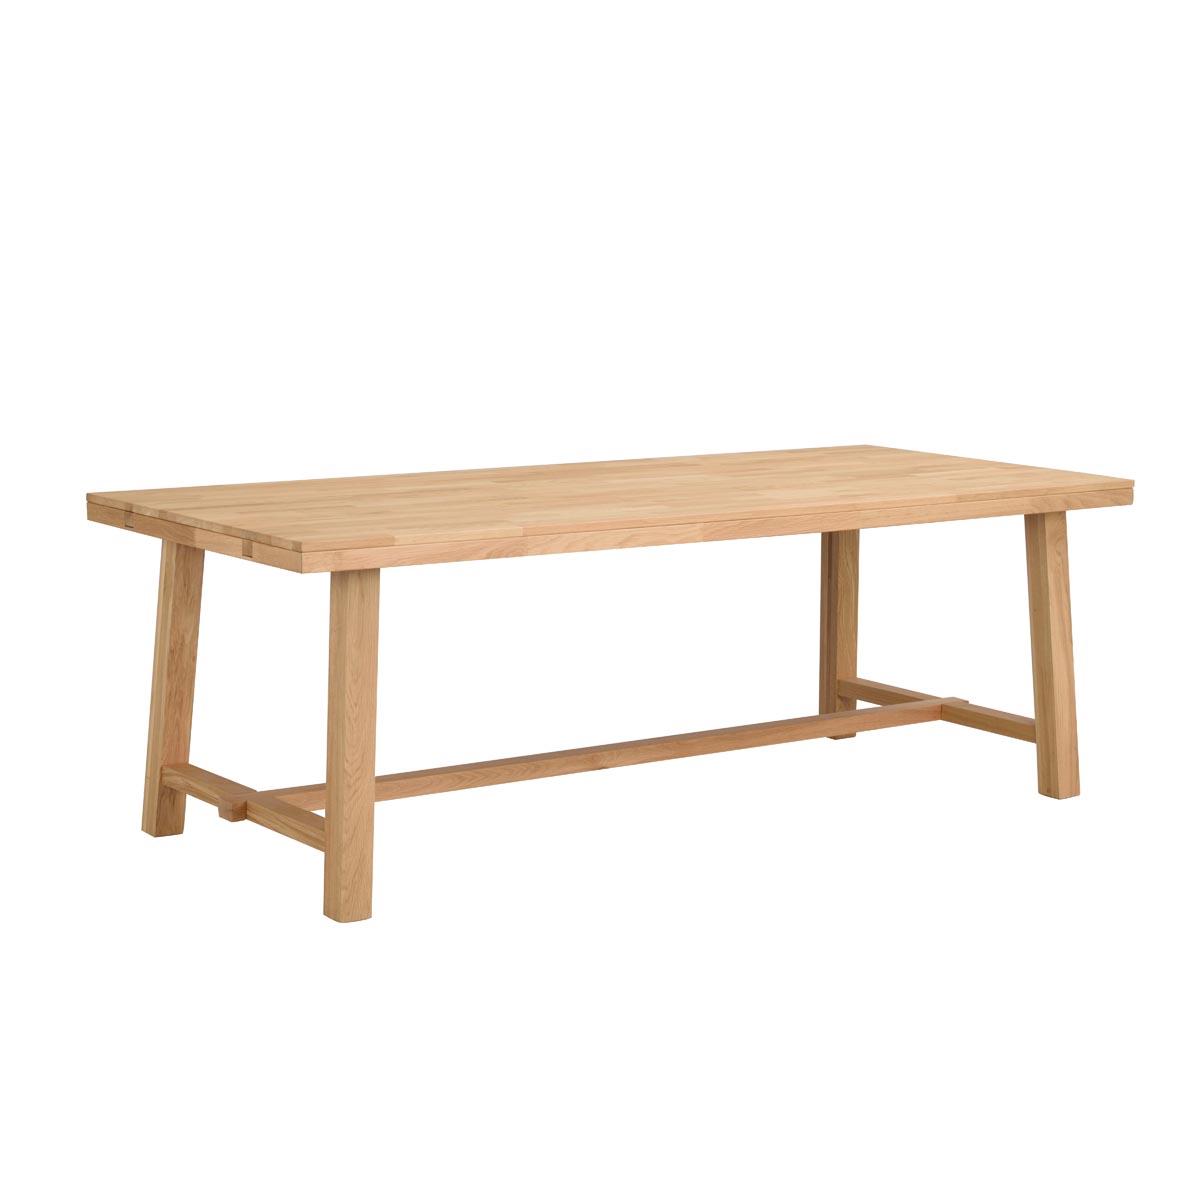 George-matbord-220-ek-108590